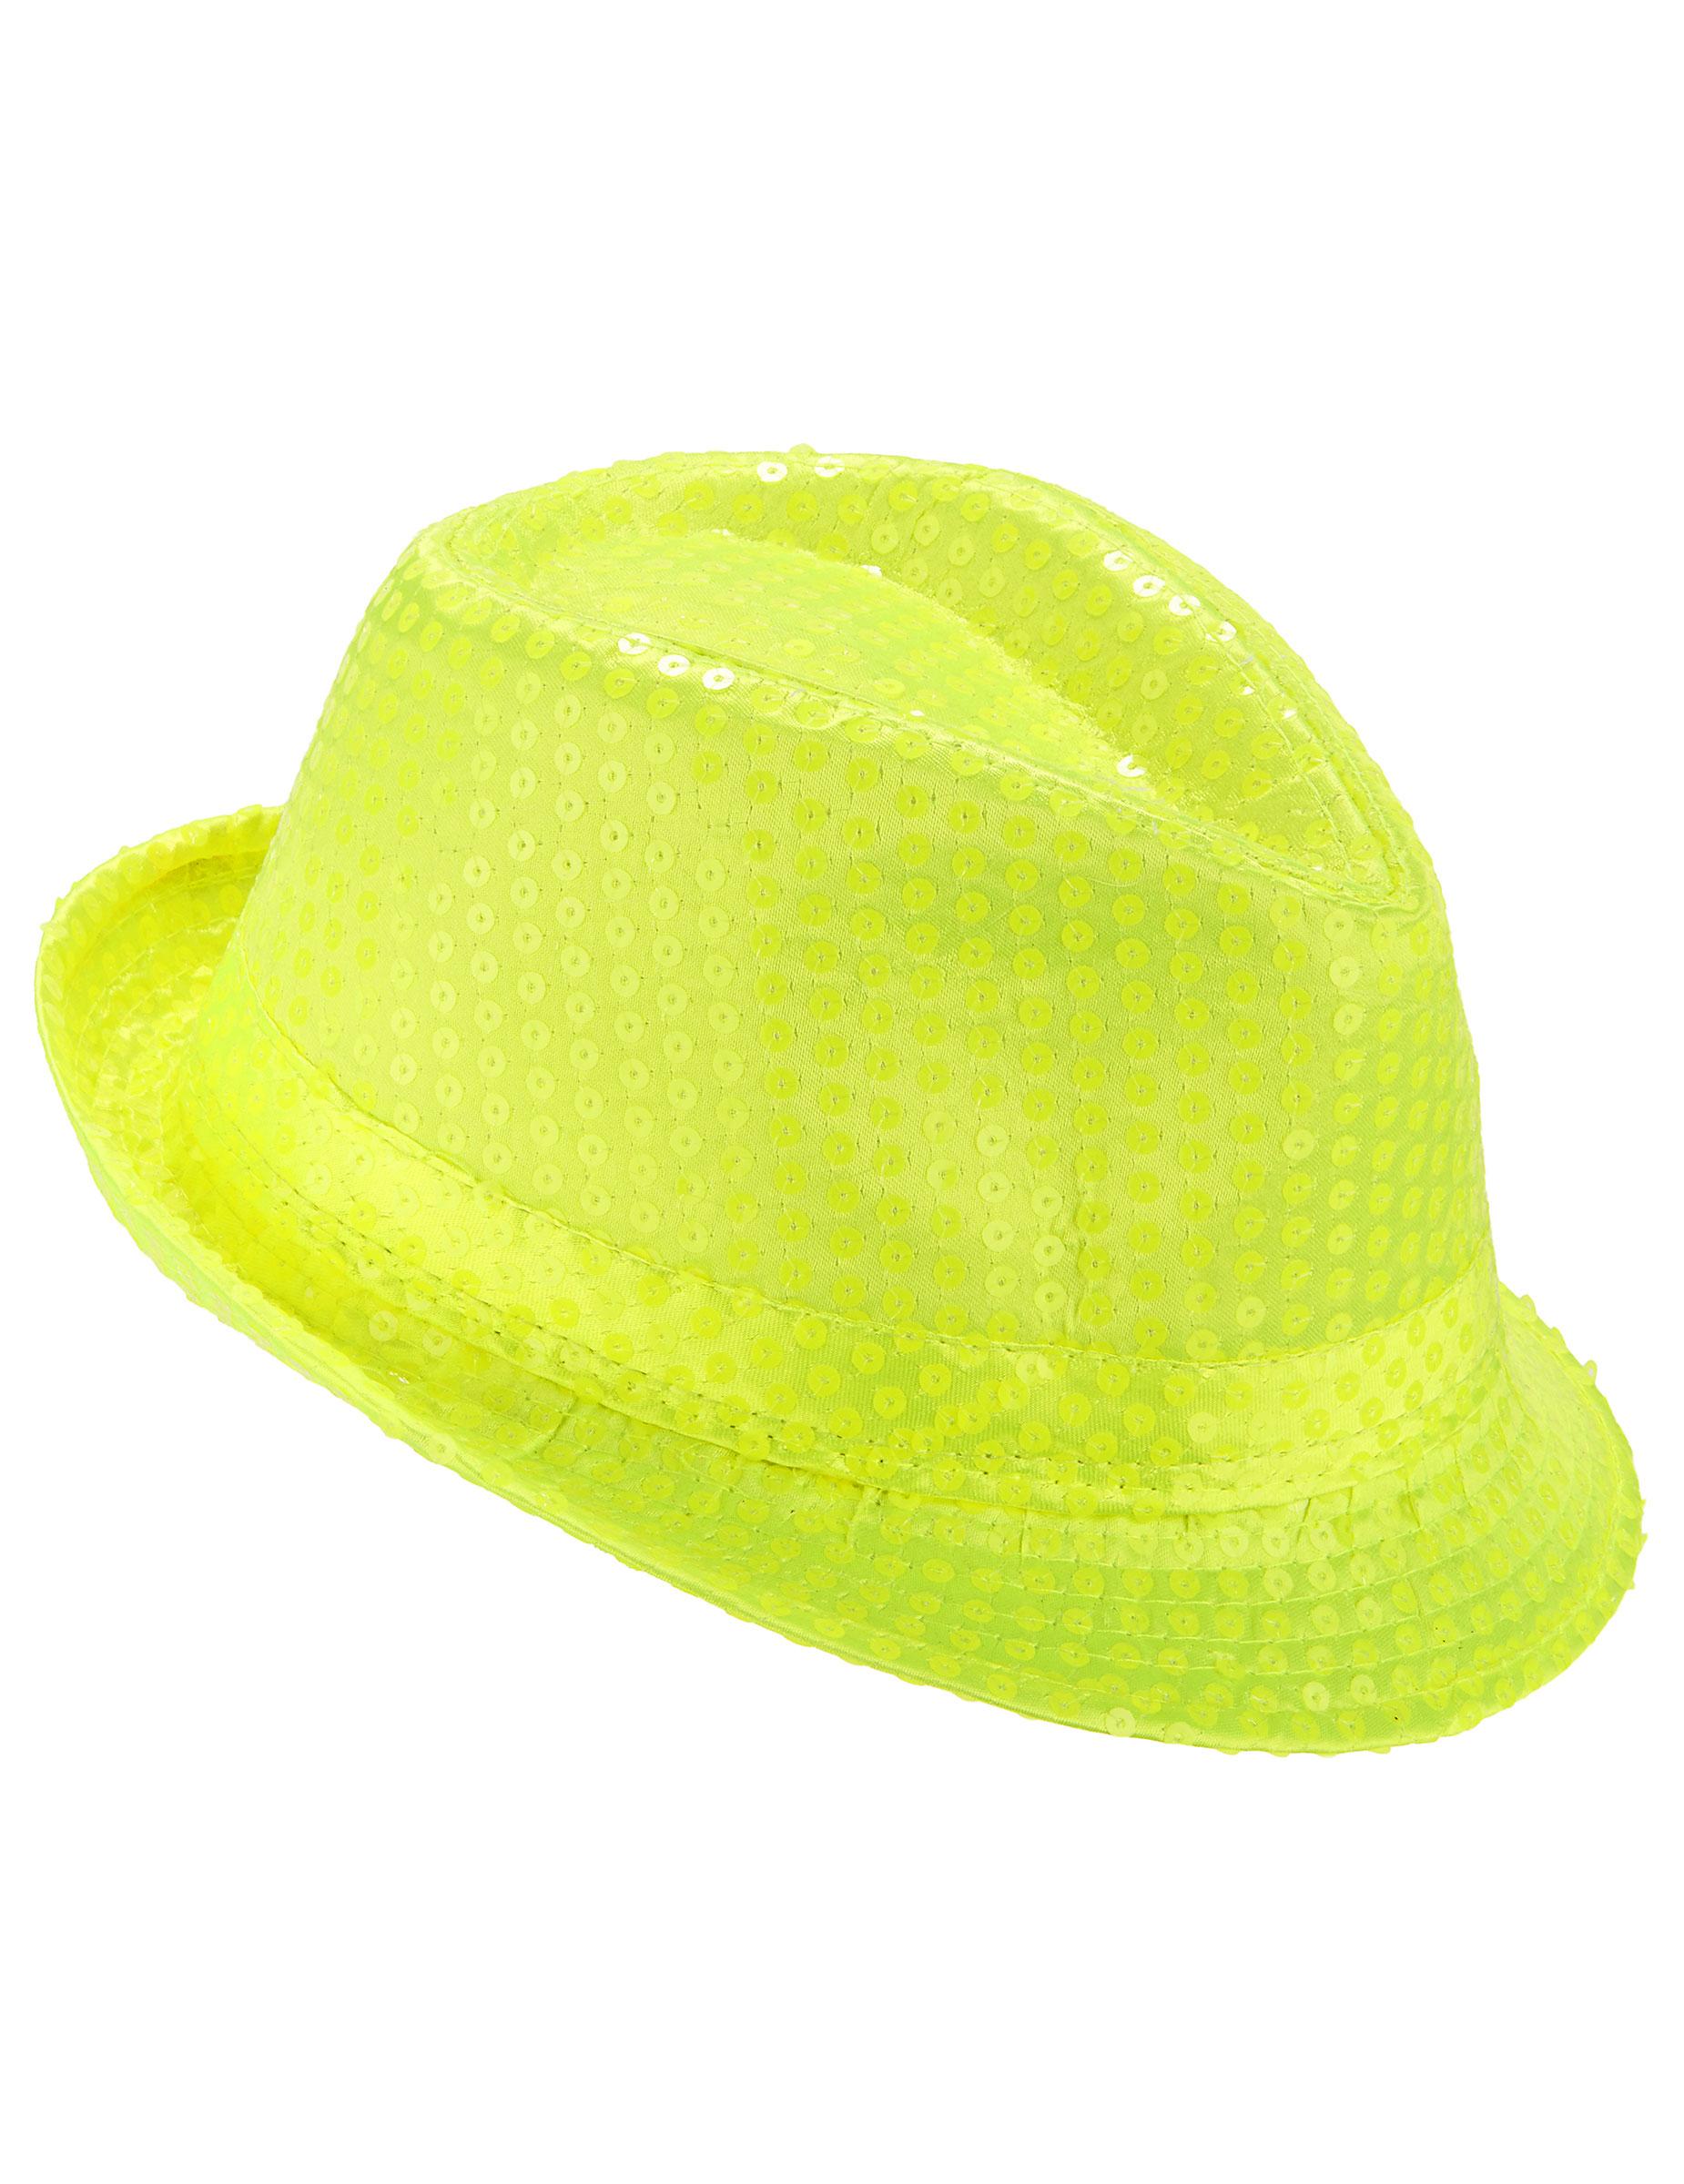 Cappello borsalino paillettato giallo fluo adulto  Cappelli dff6339dd0aa